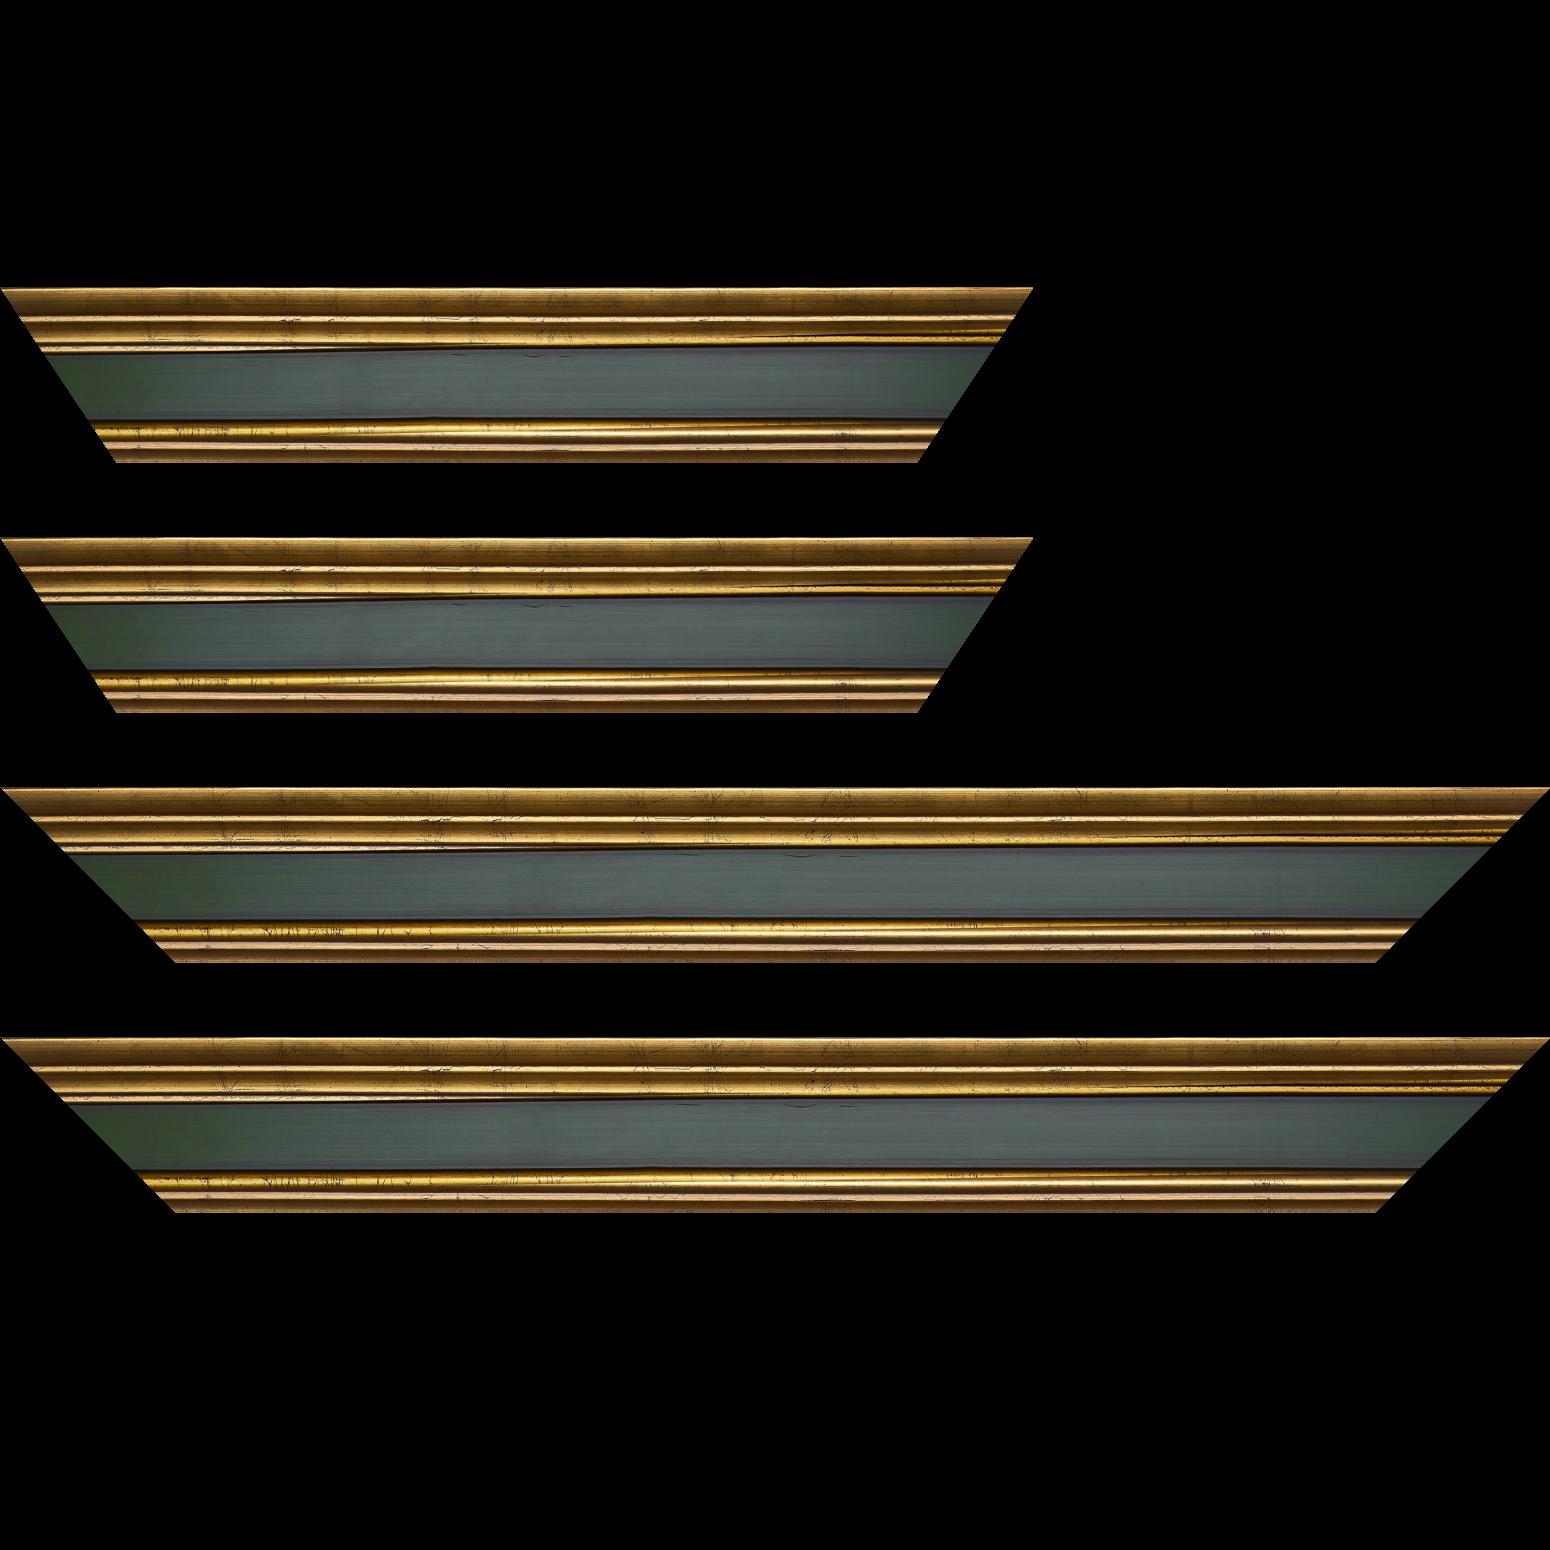 Baguette service précoupé Bois profil braque largeur 5.2cm or patiné gorge vert foncé antique